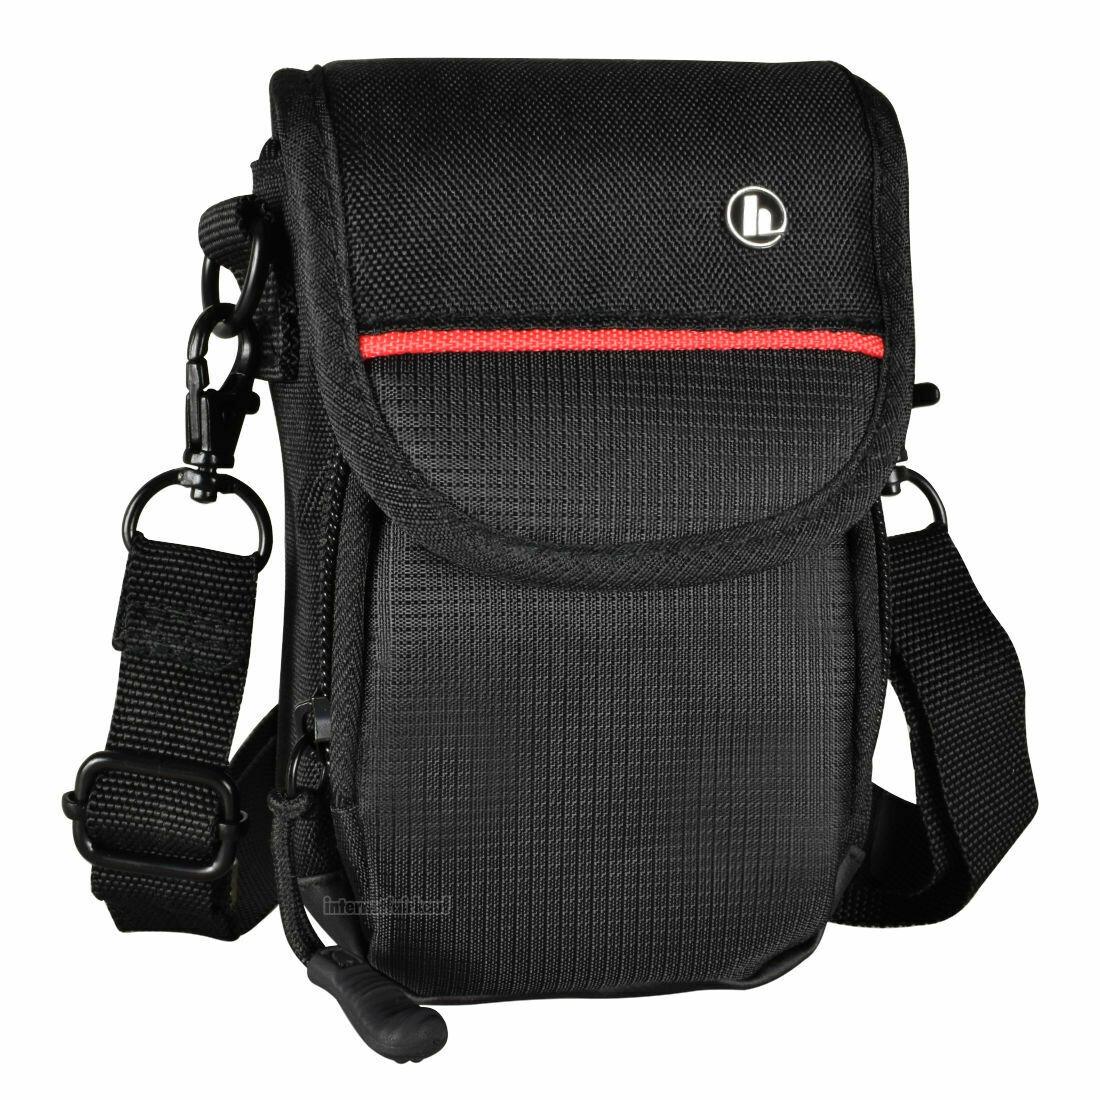 Fototasche Kameratasche passend für Canon Powershot SX170 IS SX160 IS